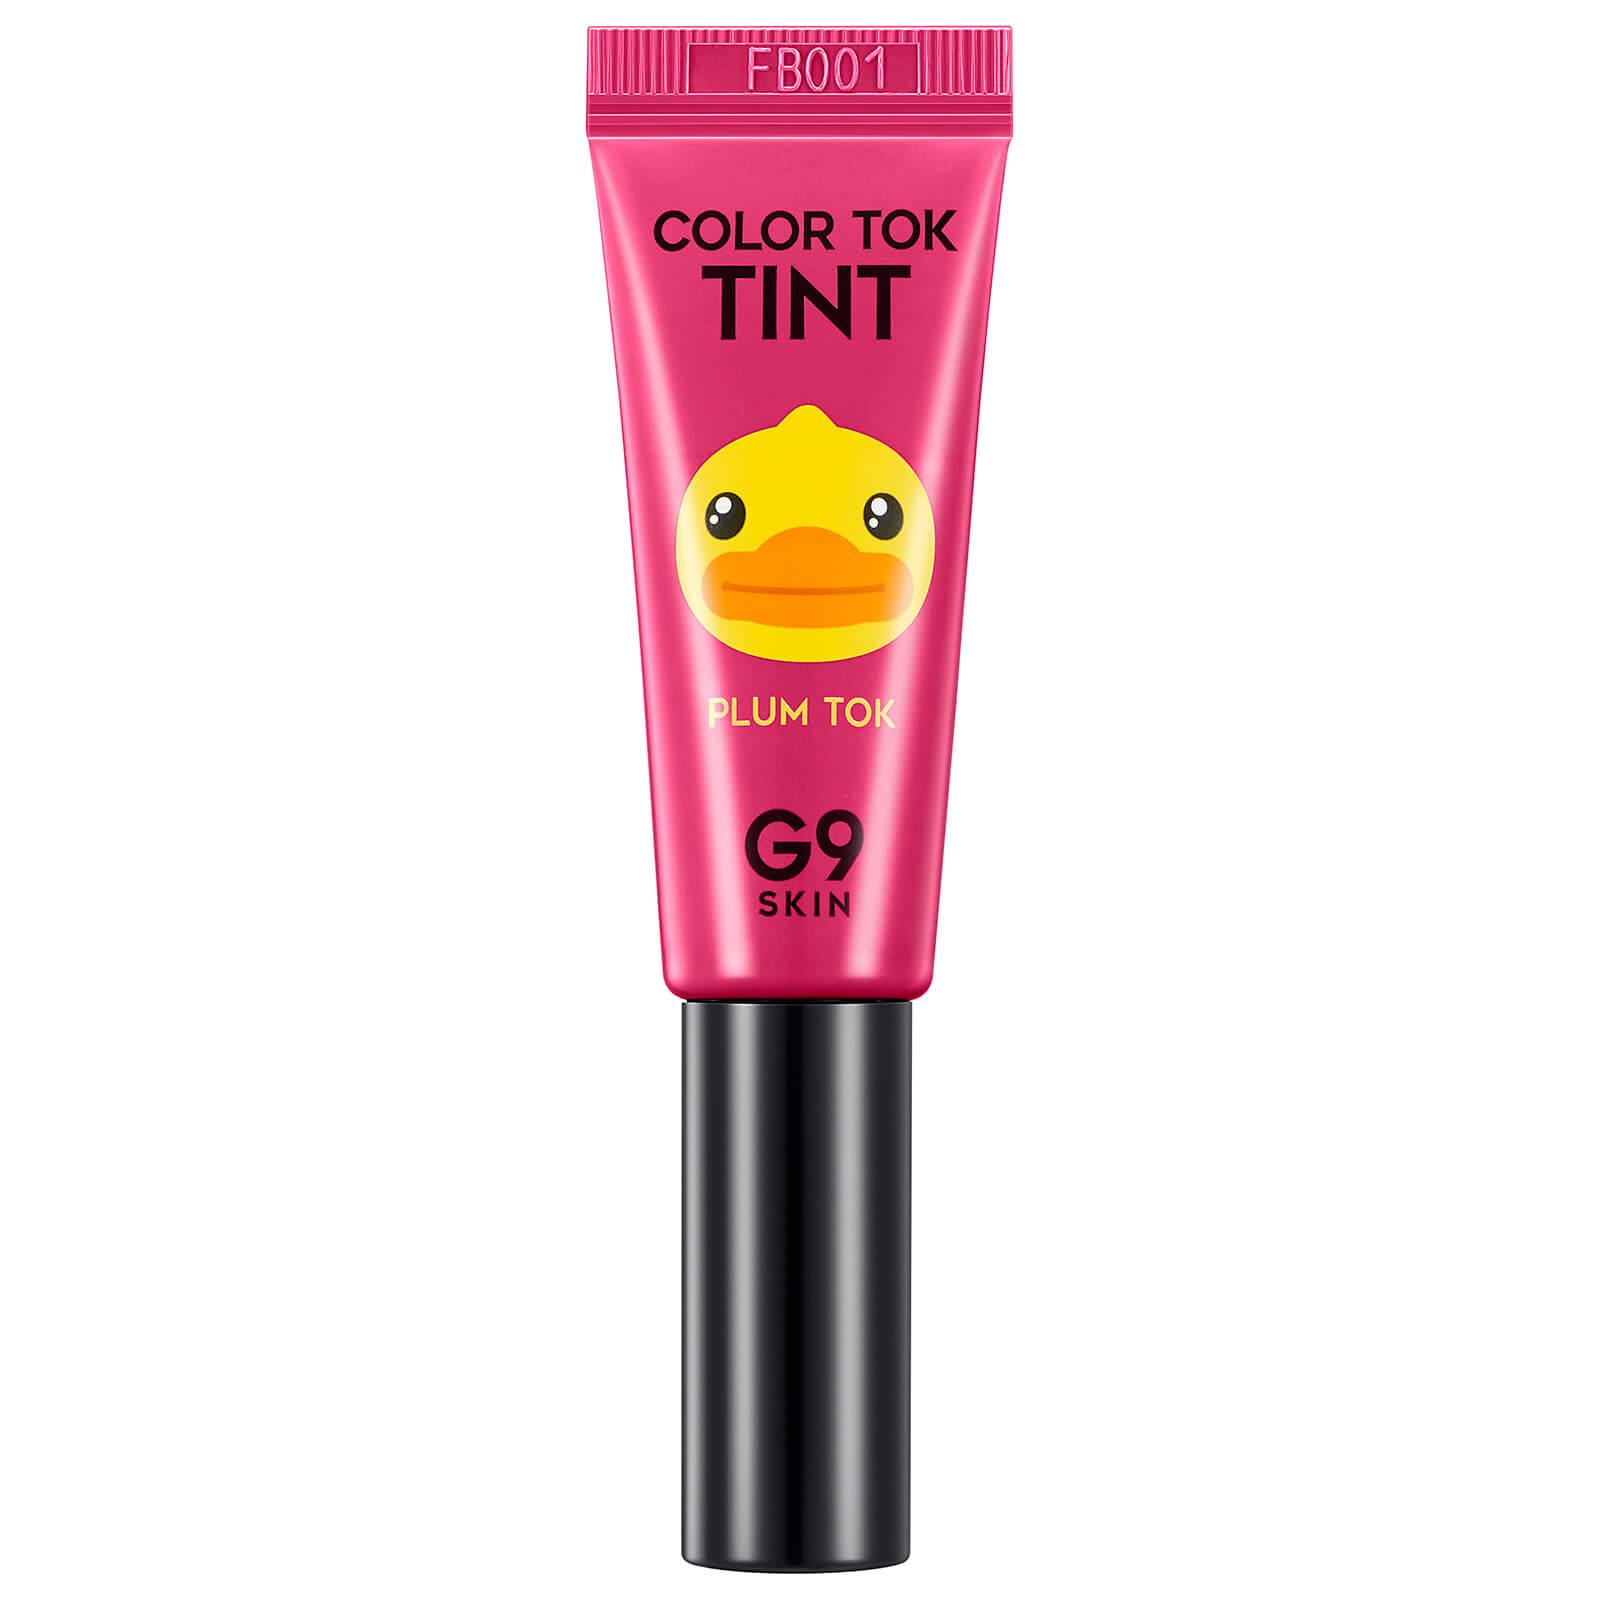 Купить Тинт для губ G9SKIN Color Tok Tint 5 мл (различные оттенки) - 03. Plum Tok